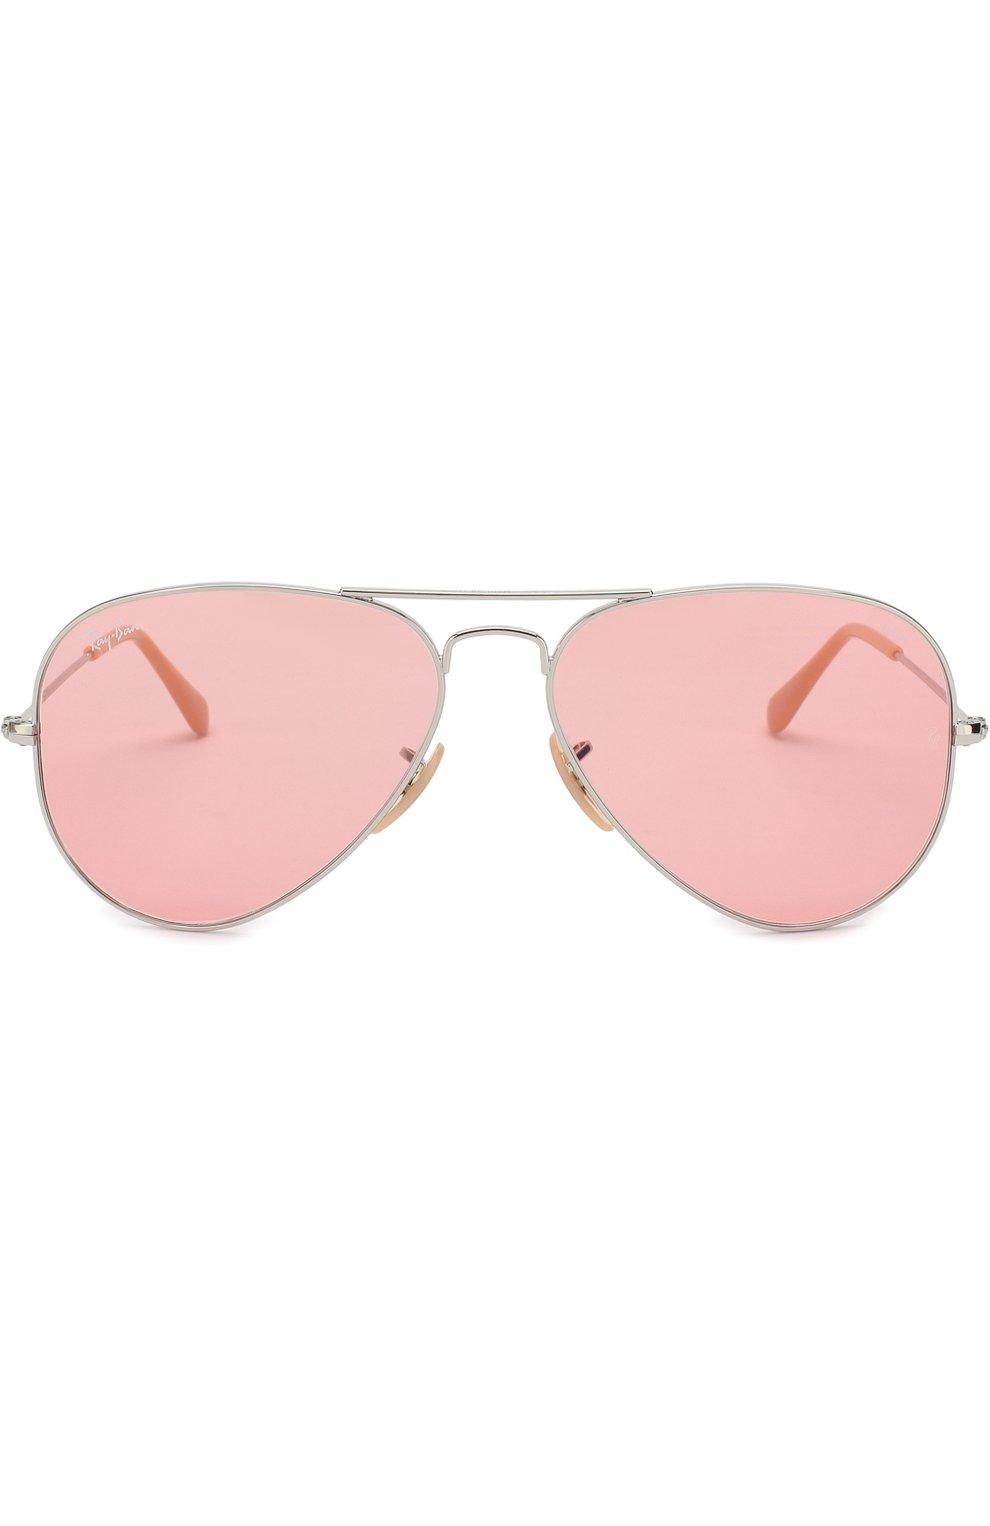 Женские солнцезащитные очки RAY-BAN розового цвета, арт. 3025-9065V7 | Фото 3